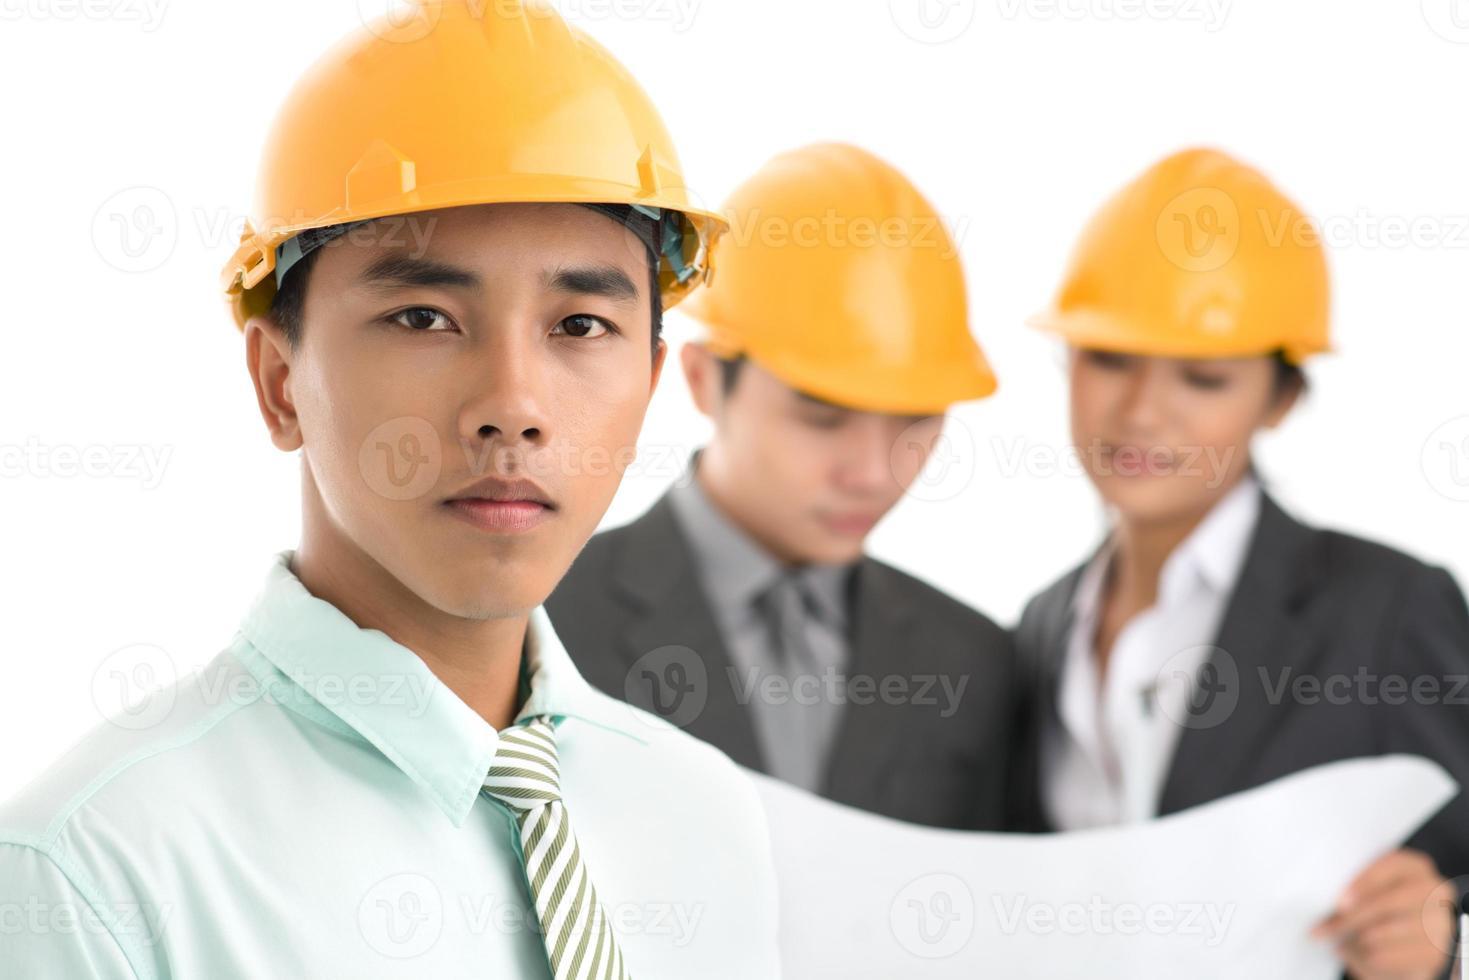 arquiteto em chefe foto